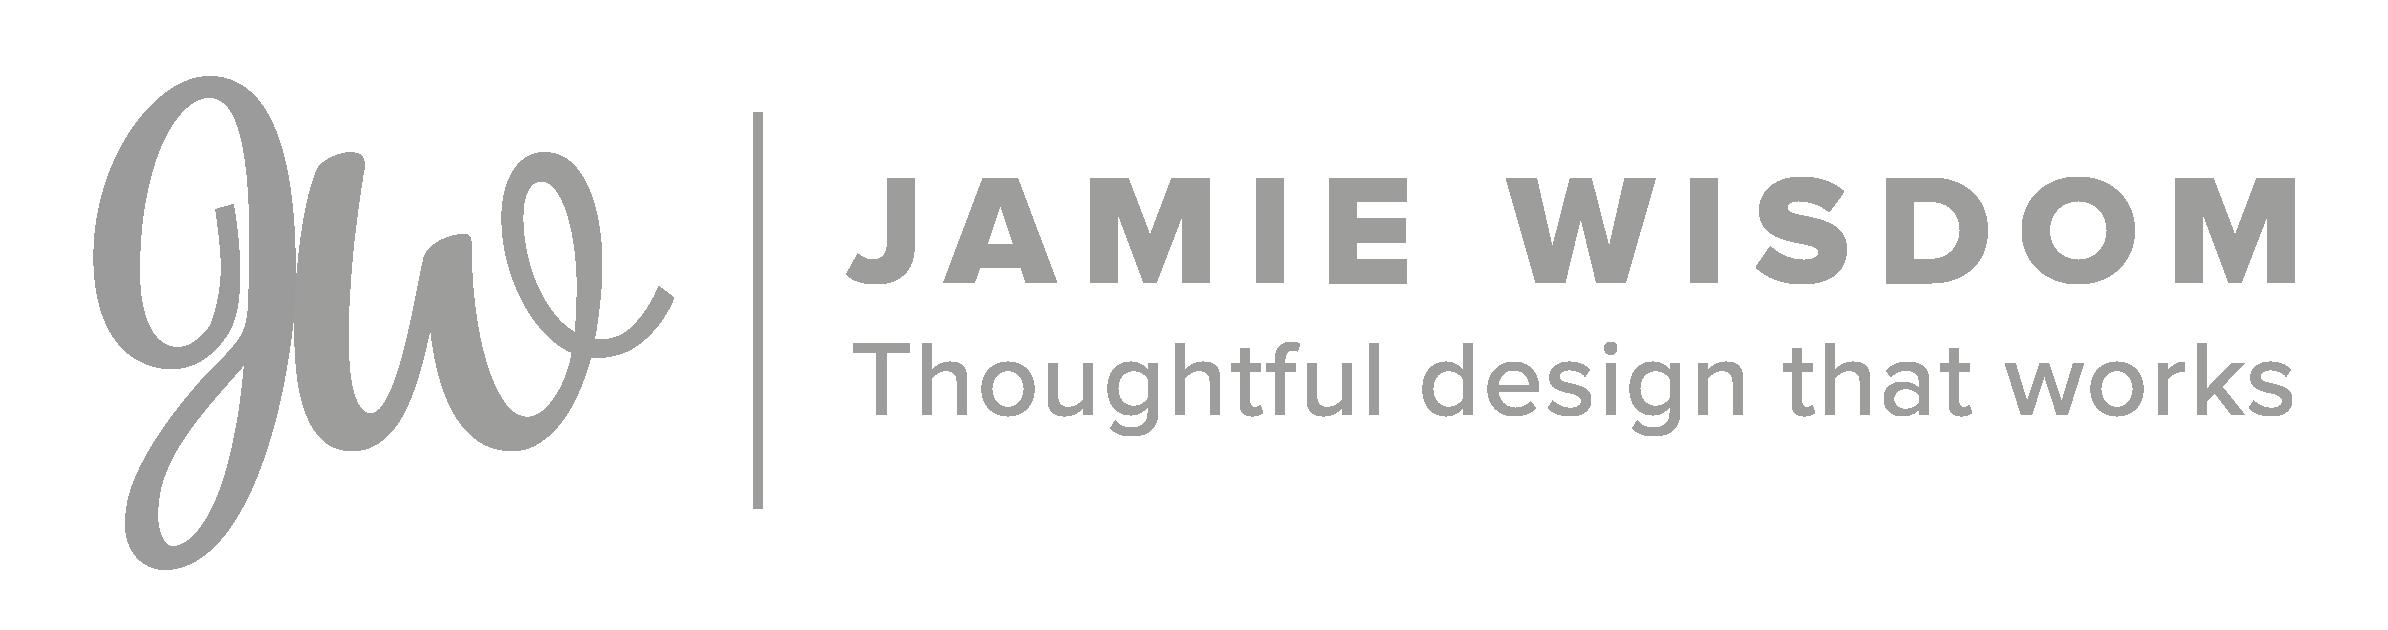 Jamie Wisdom